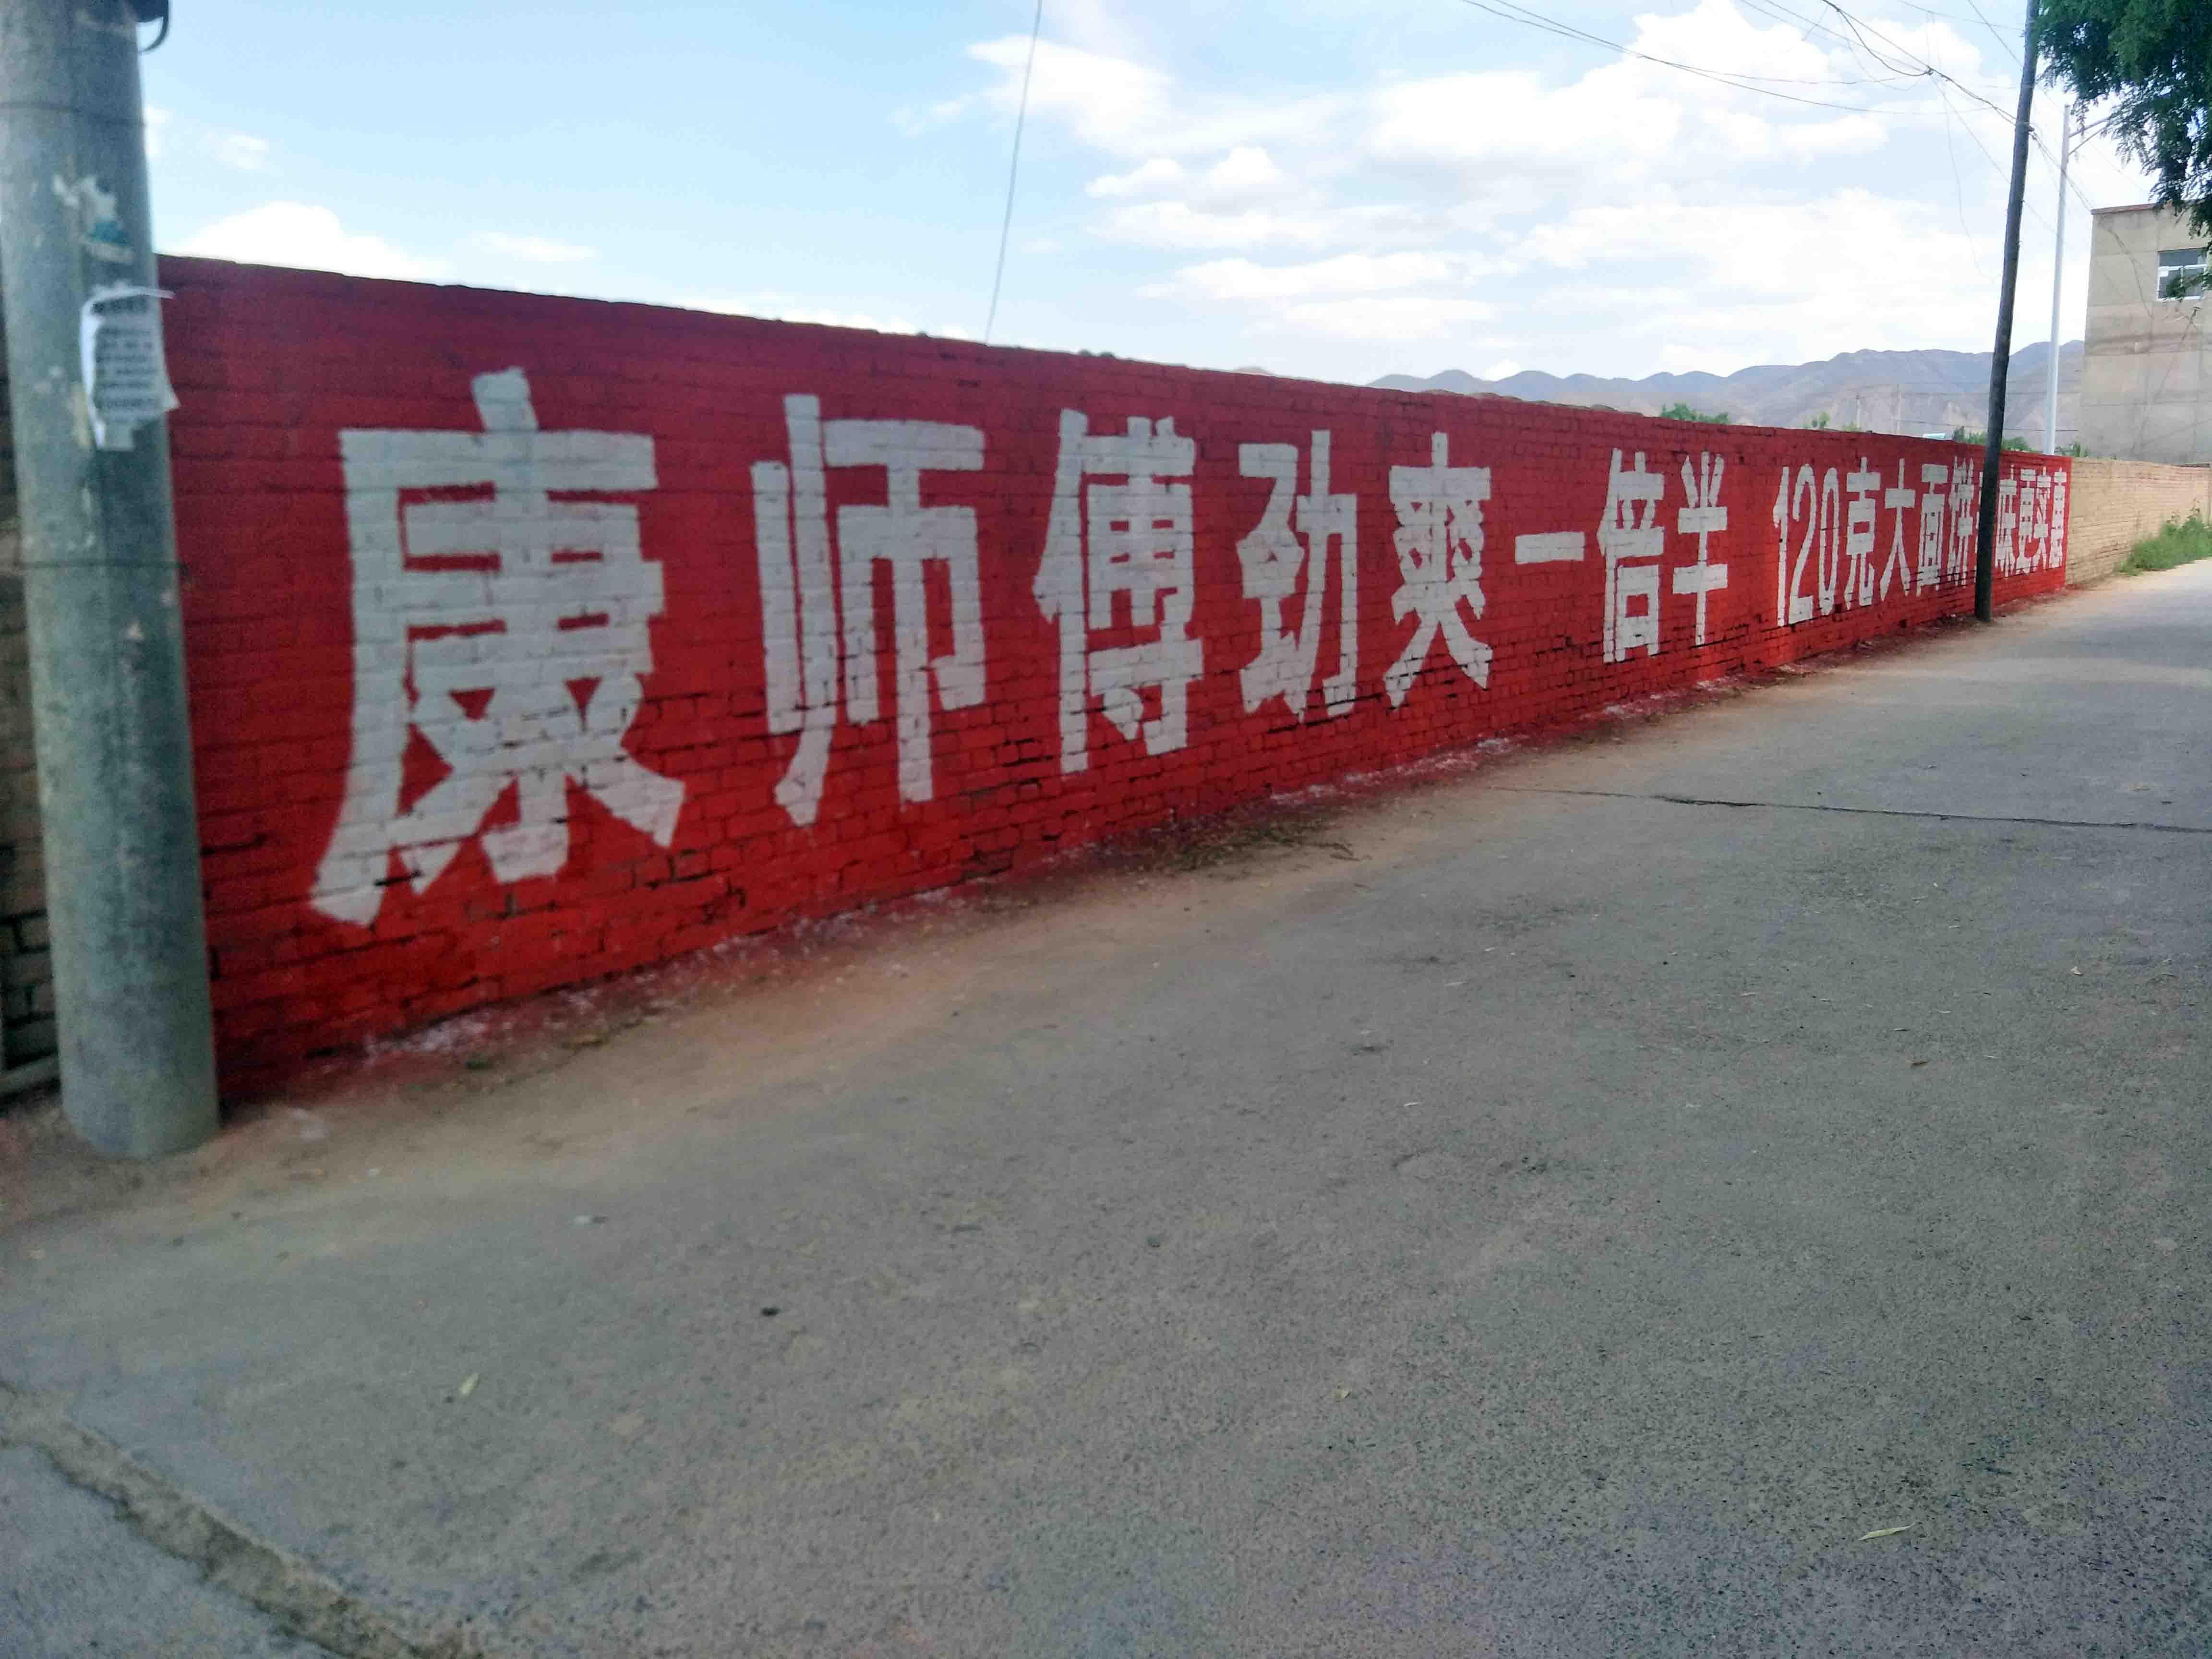 合阳涂料墙体广告 服装墙体广告 亿达墙体广告